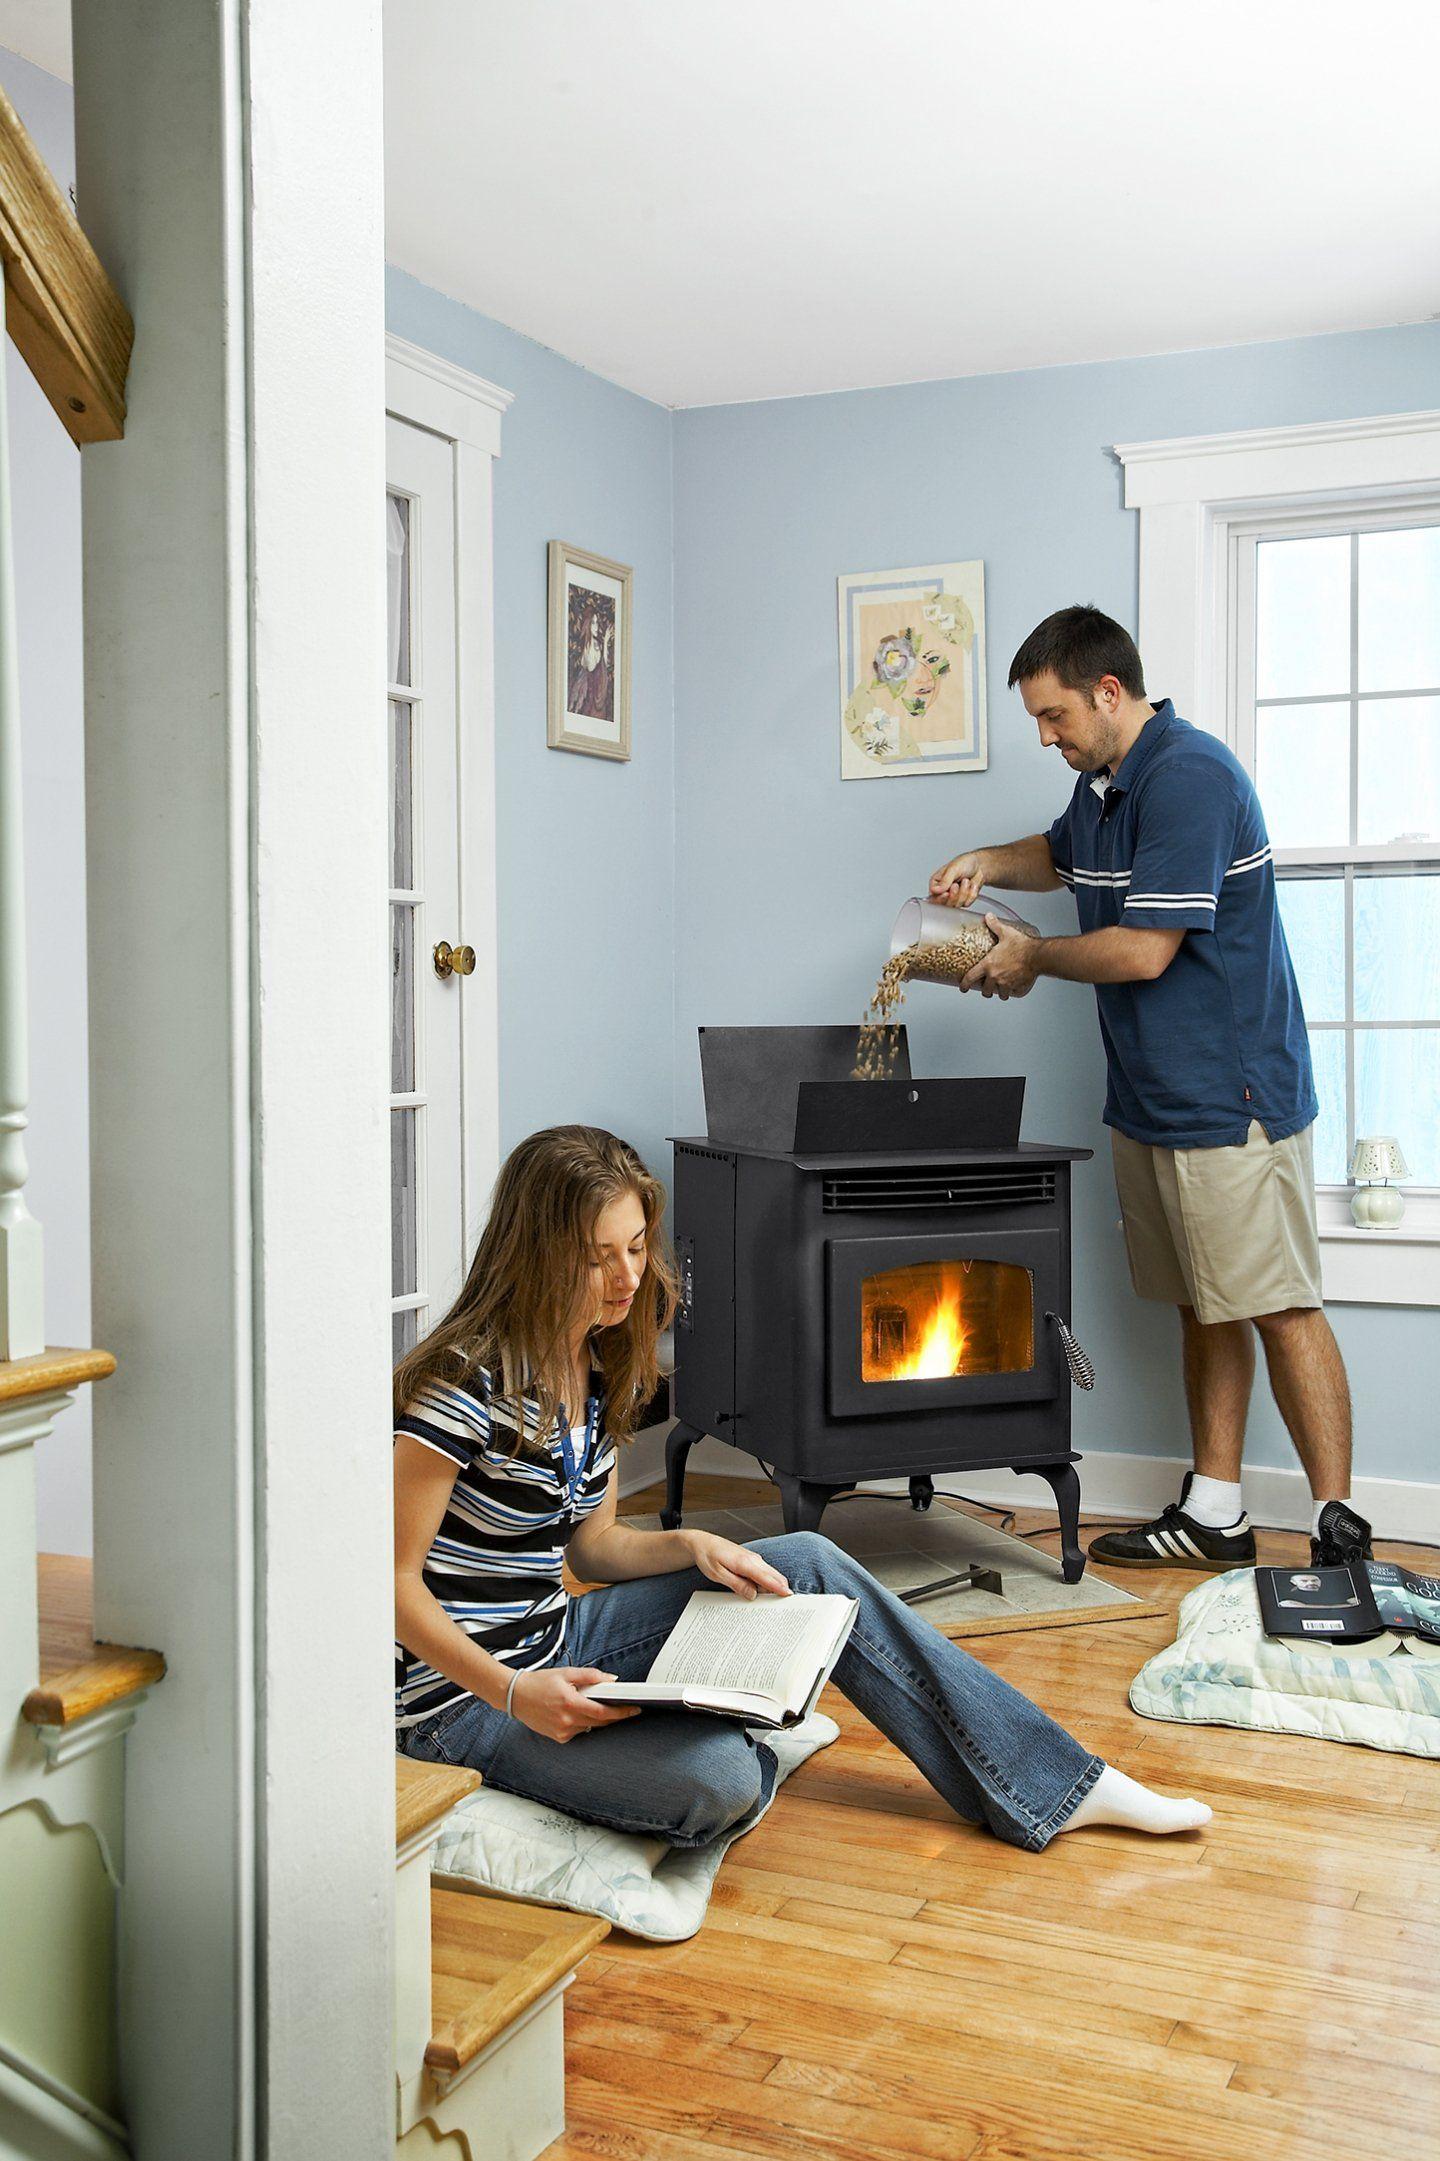 pelletofen oder kaminofen 10 tipps und vorteile pinterest. Black Bedroom Furniture Sets. Home Design Ideas